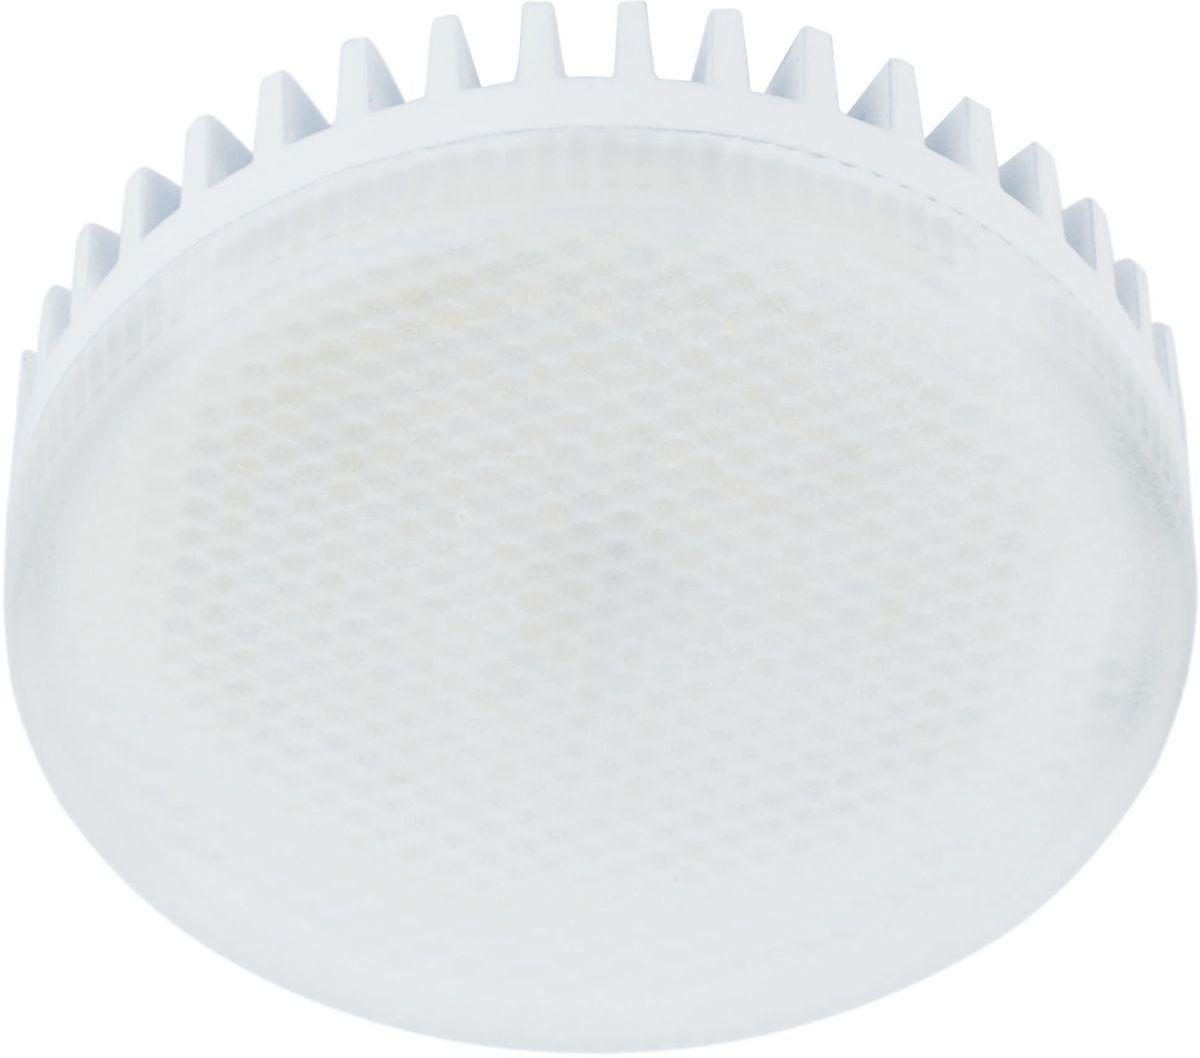 Лампа светодиодная REV, холодный свет, цоколь GX53, 10W32568 0Энергосберегающая светодиодная лампа в форме шайба холодного свечения. Потребляемая мощность 10Вт. Интенсивность свечения аналогична обычной лампе накаливания мощностью 100Вт. Цоколь GX53. Срок службы 30000 час. Световой поток 800Лм, цветовая температура 4000К.